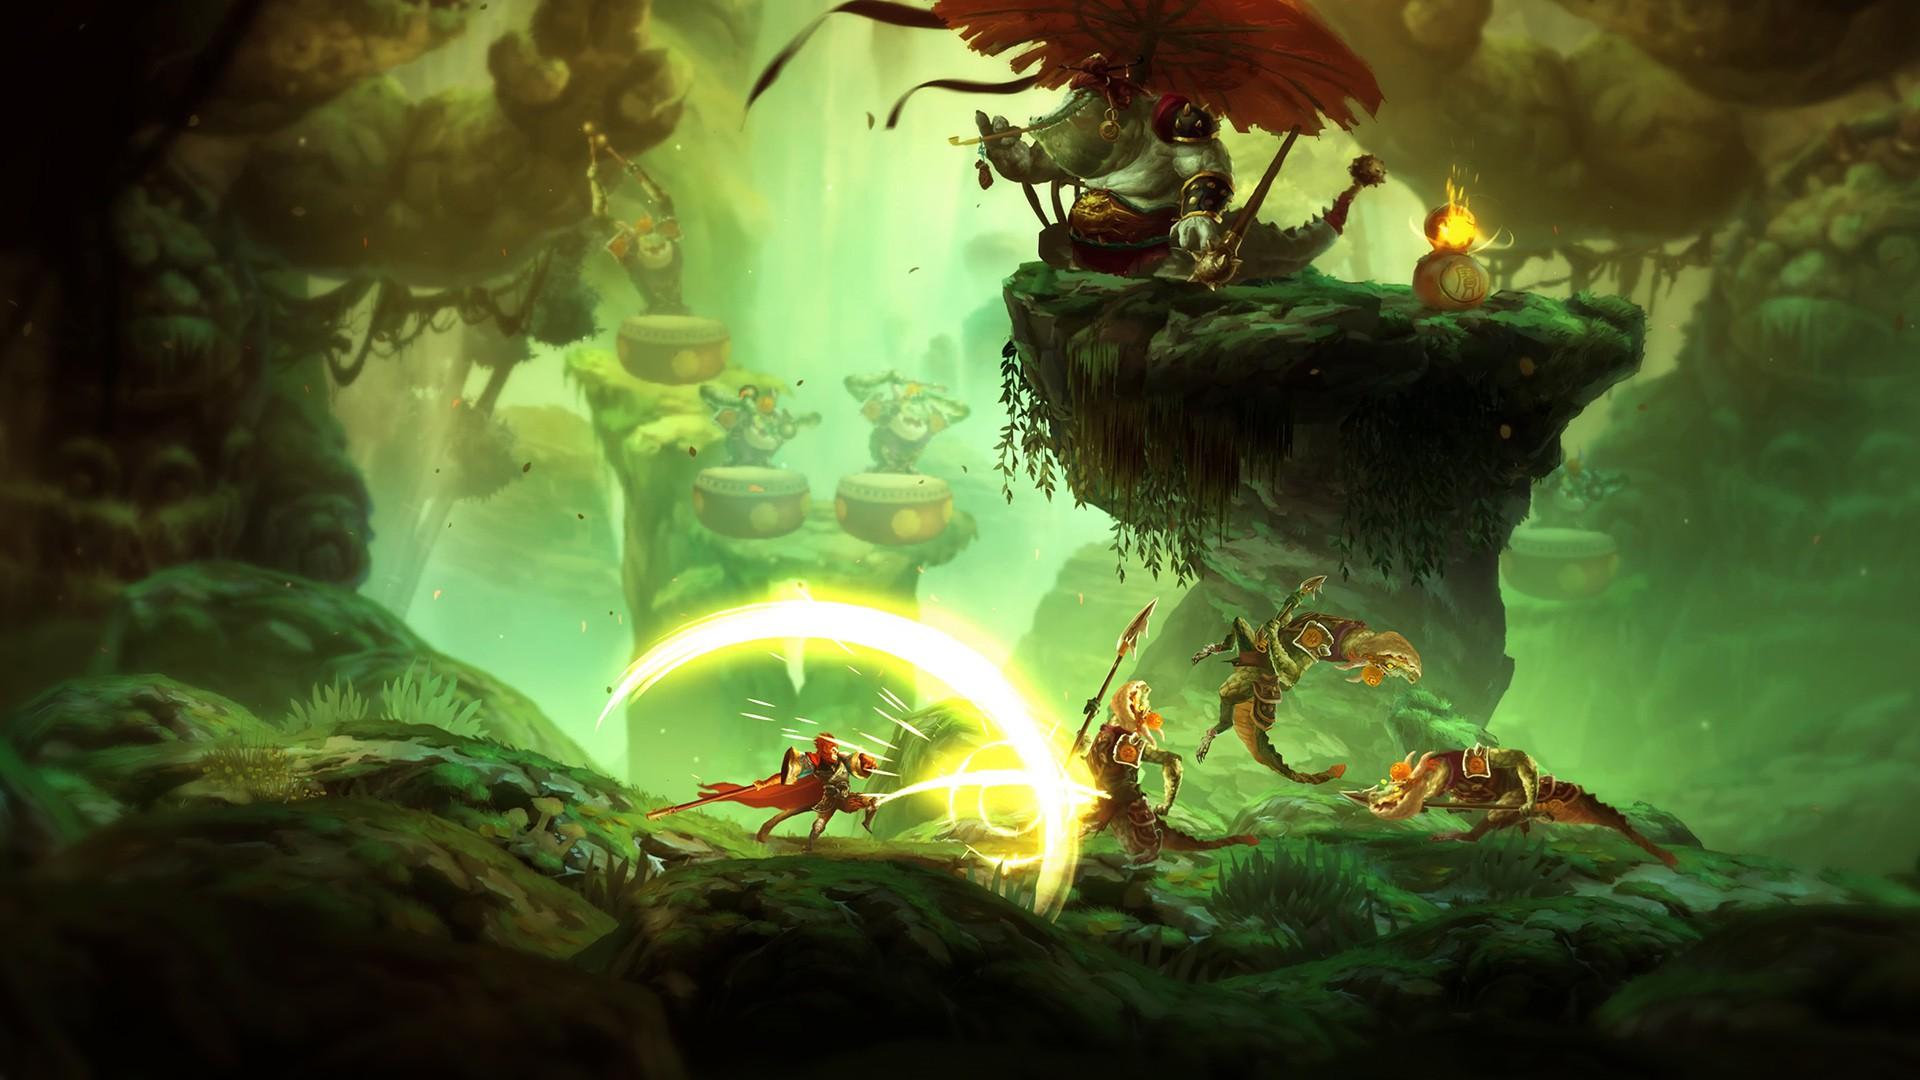 西游记游戏《非常英雄》上架Steam 支持简体中文